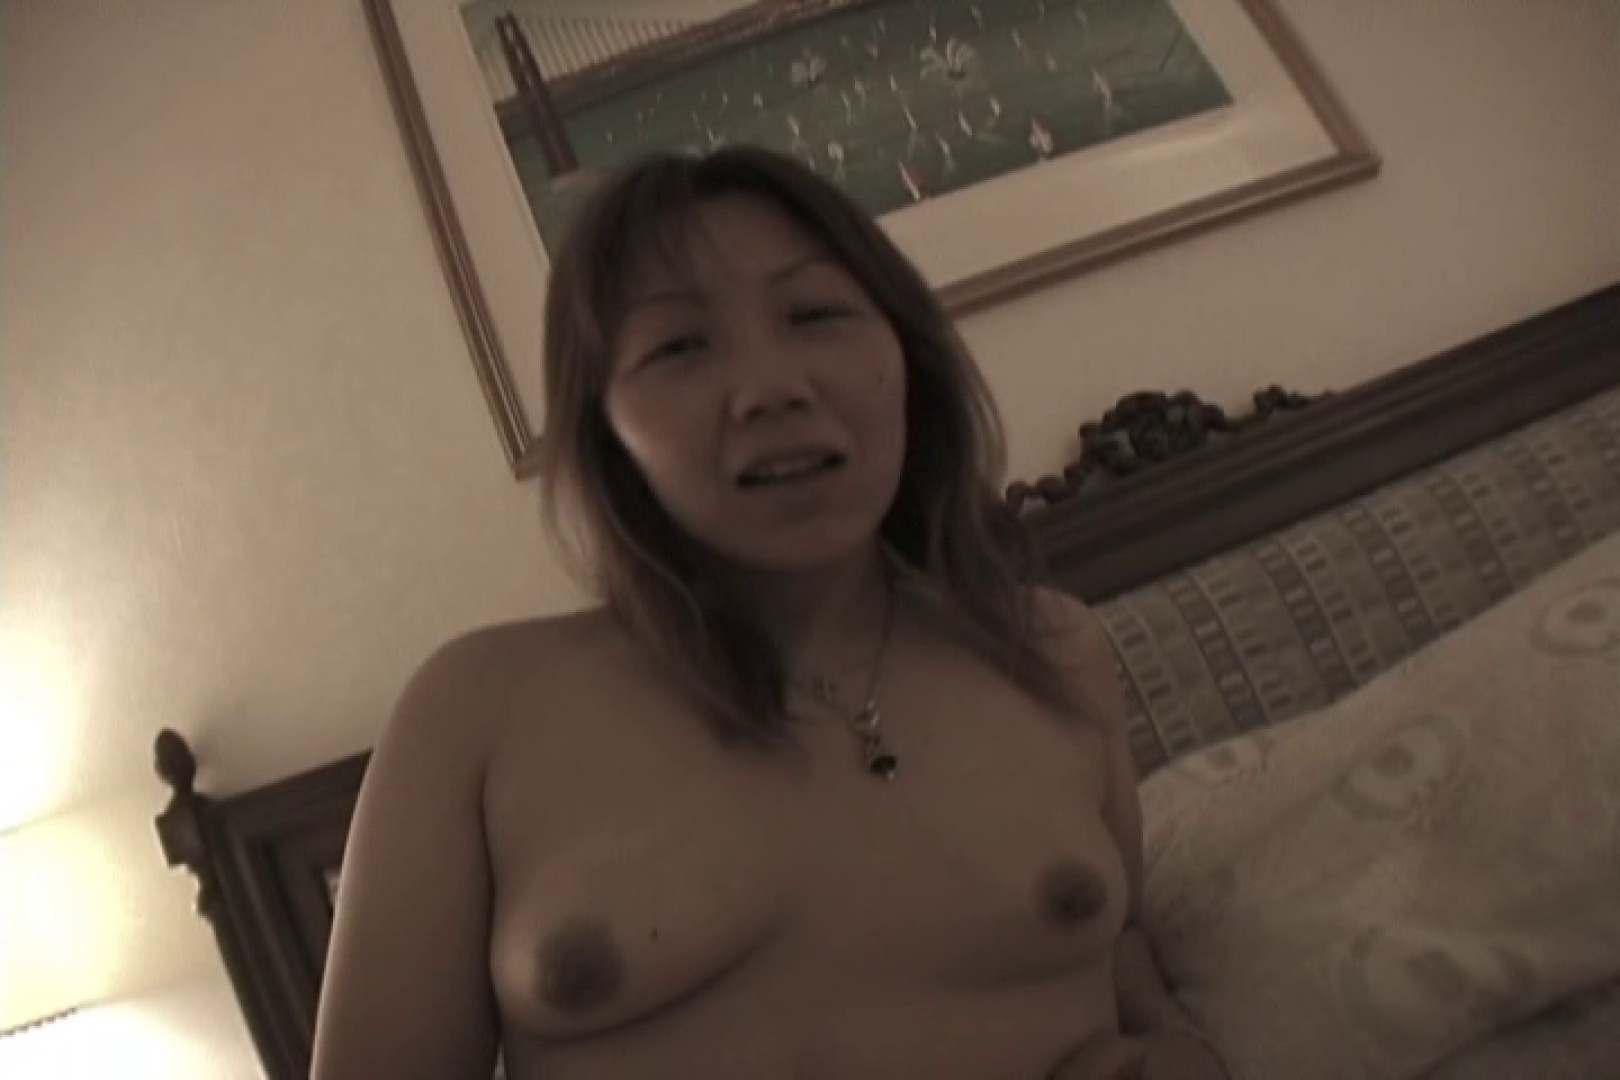 ツンデレ素人嬢もチンポには弱い~増田あけみ~ 素人  105枚 74